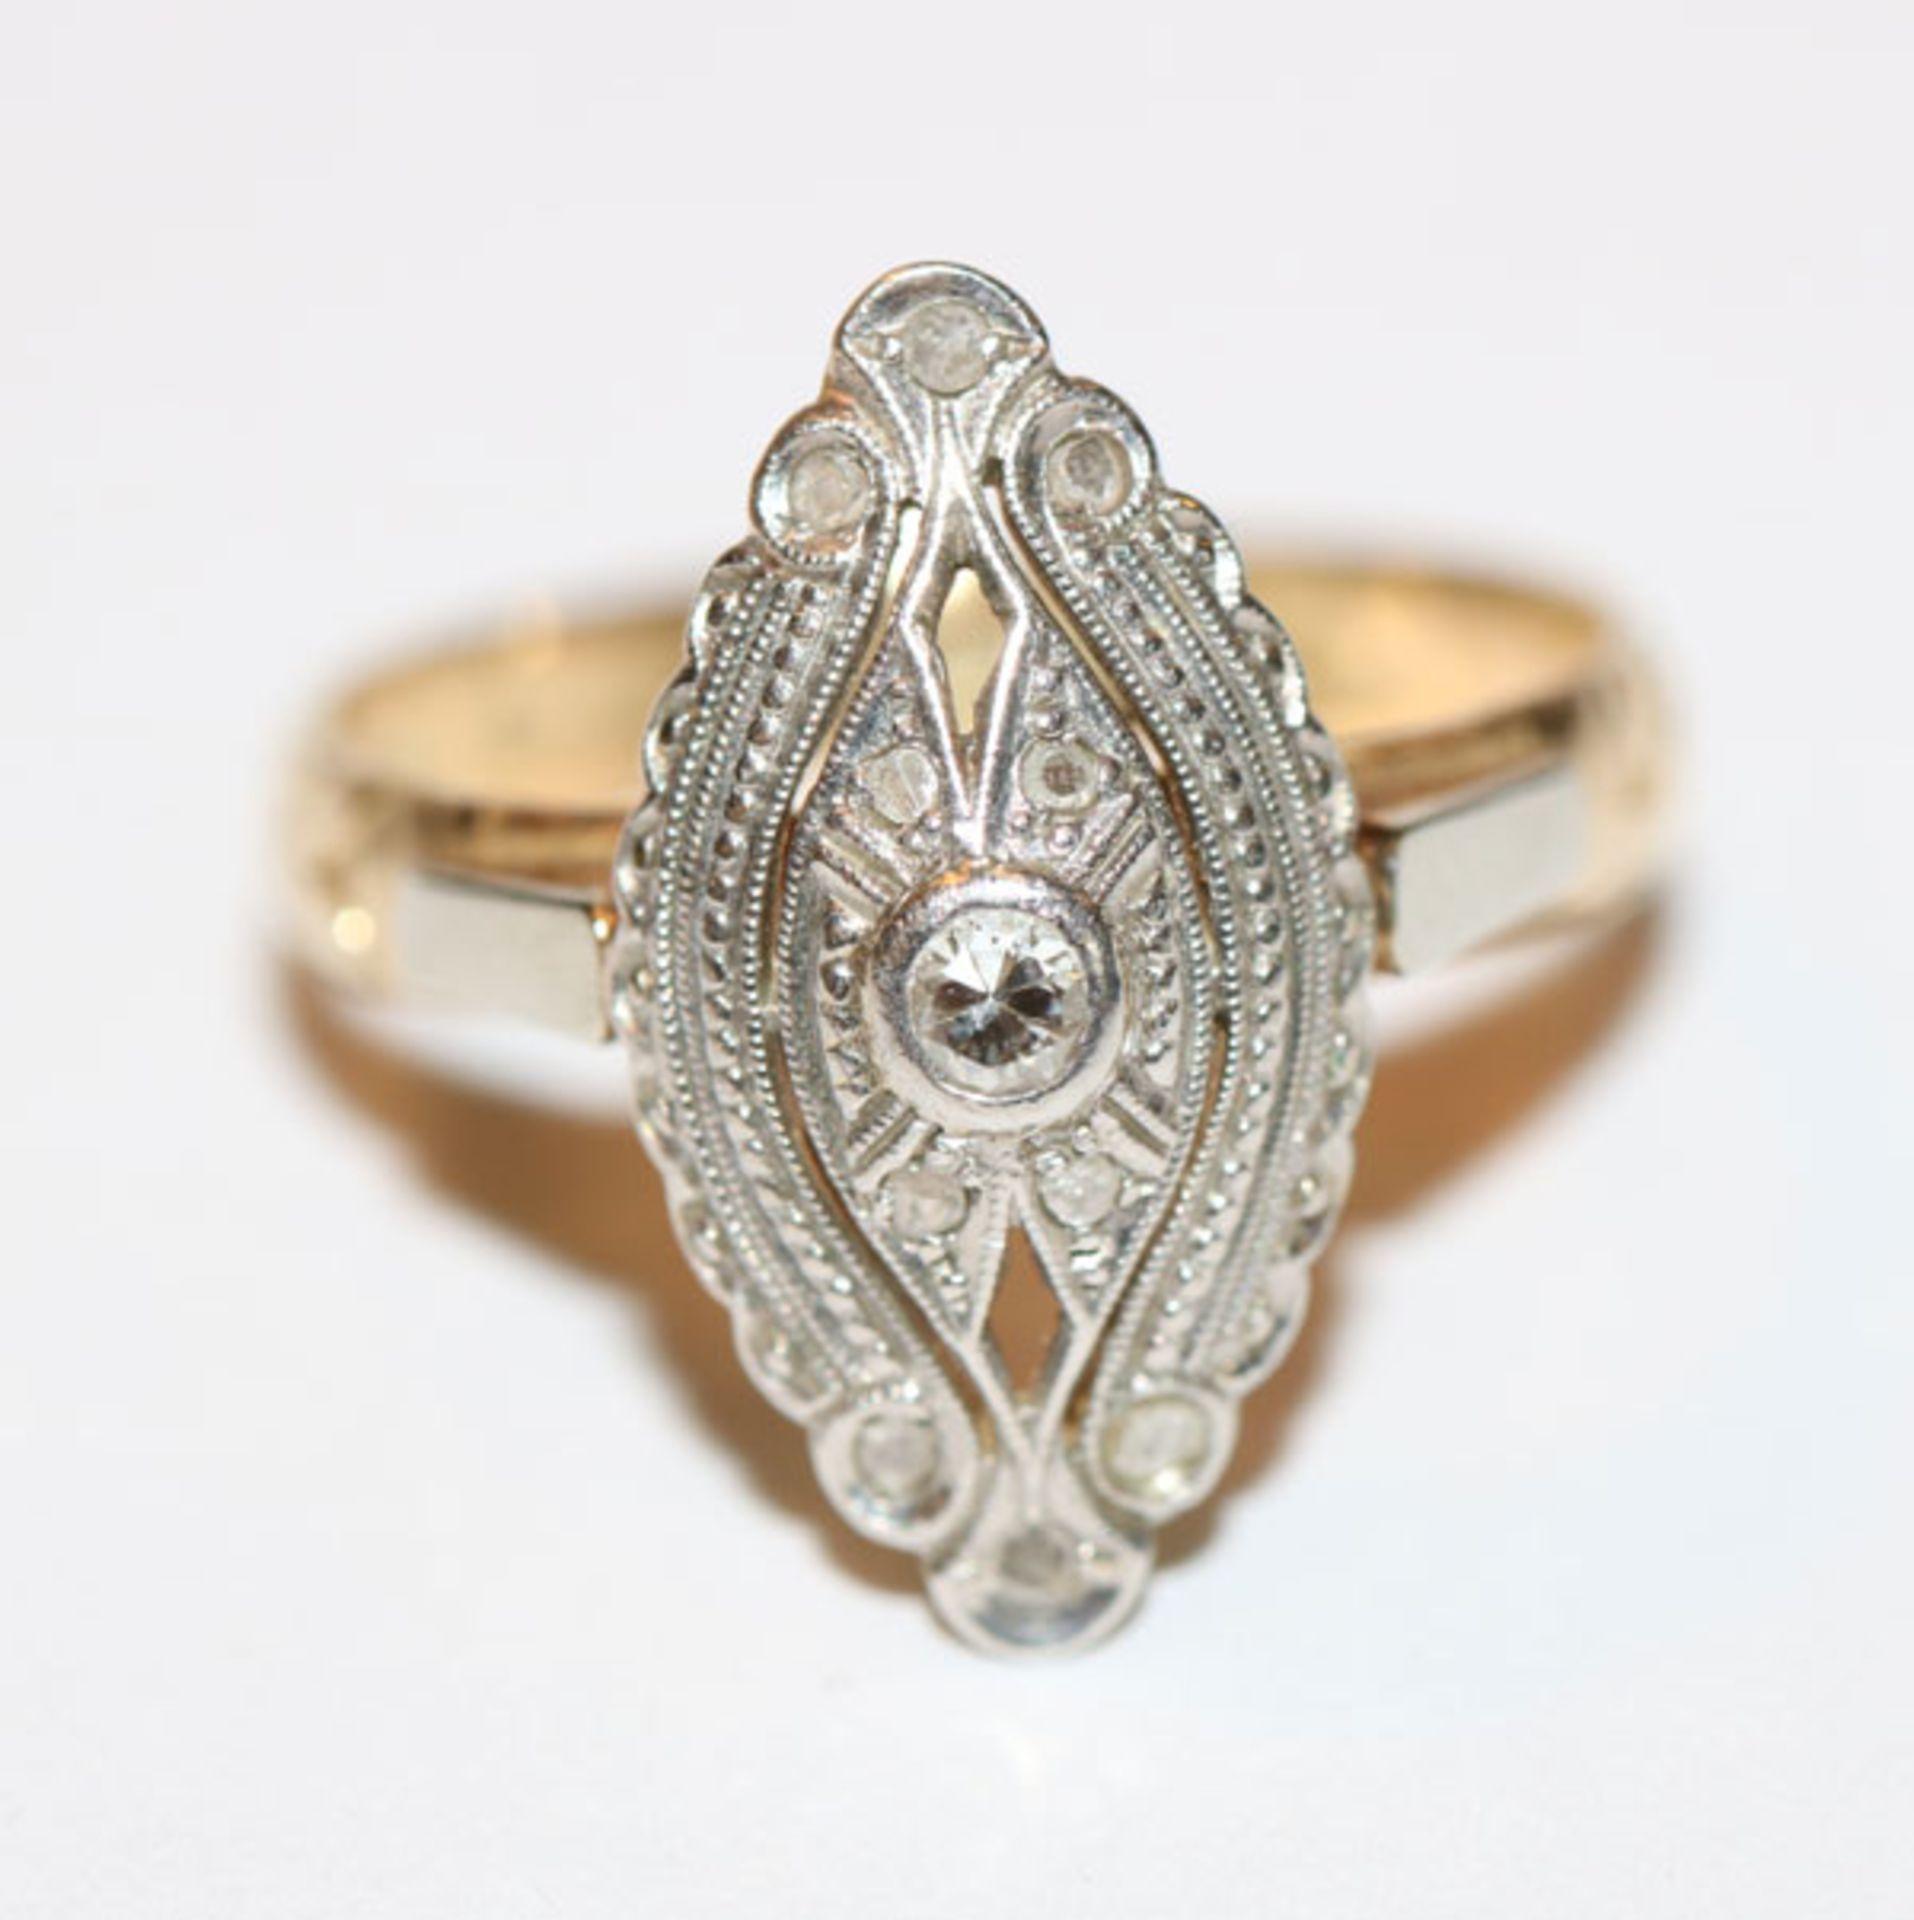 14 k Gelb- und Weißgold Ring mit Diamanten, schöne Handarbeit, Gr. 55